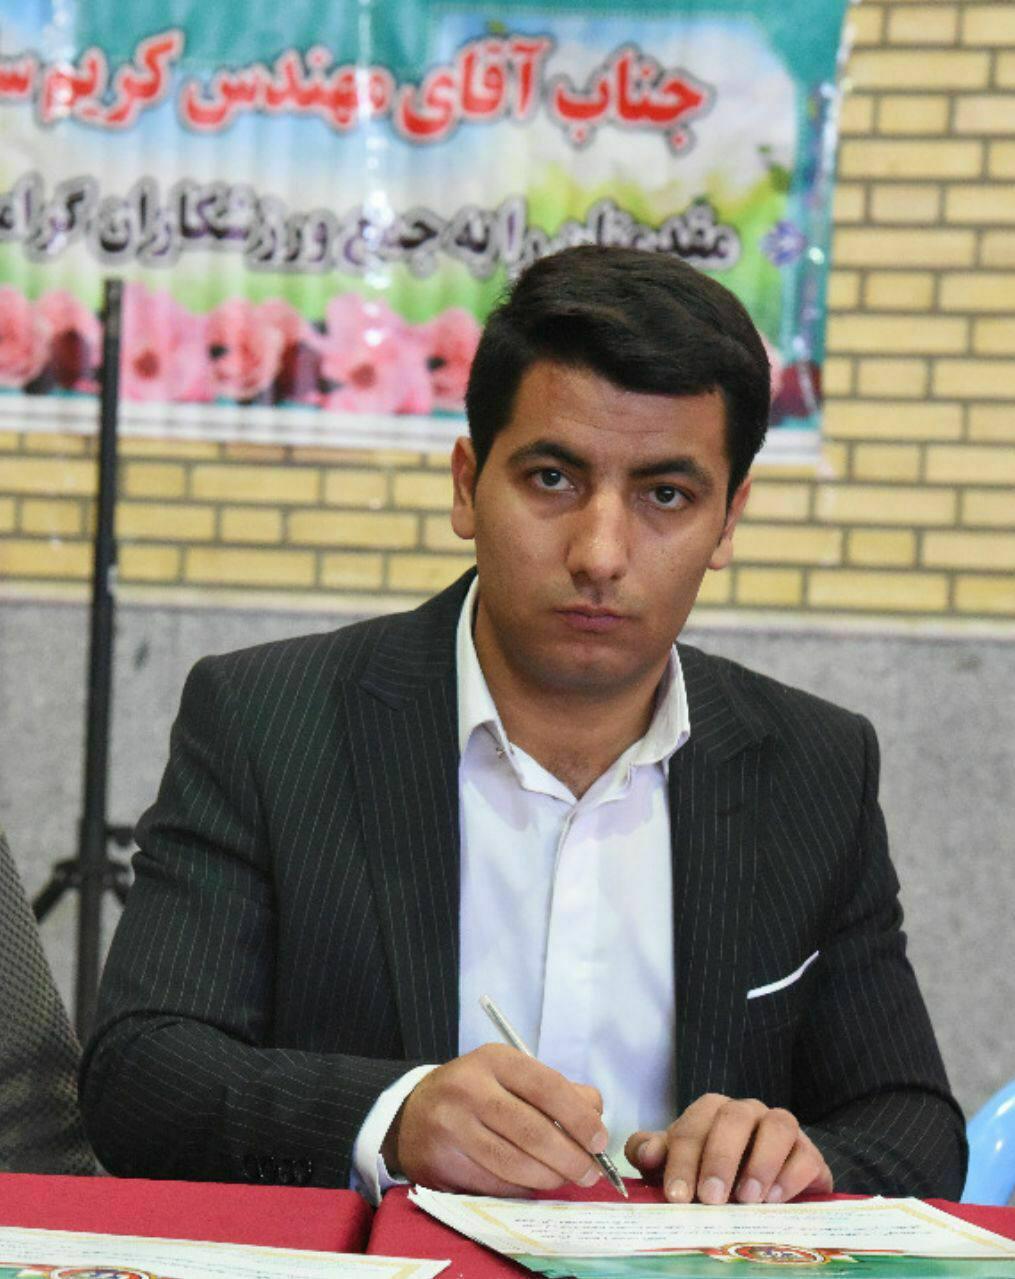 امیر مطلق آذری بعنوان سرپرست هیات انجمنهای ورزشهای رزمی کلانشهر تبریز منصوب شد.